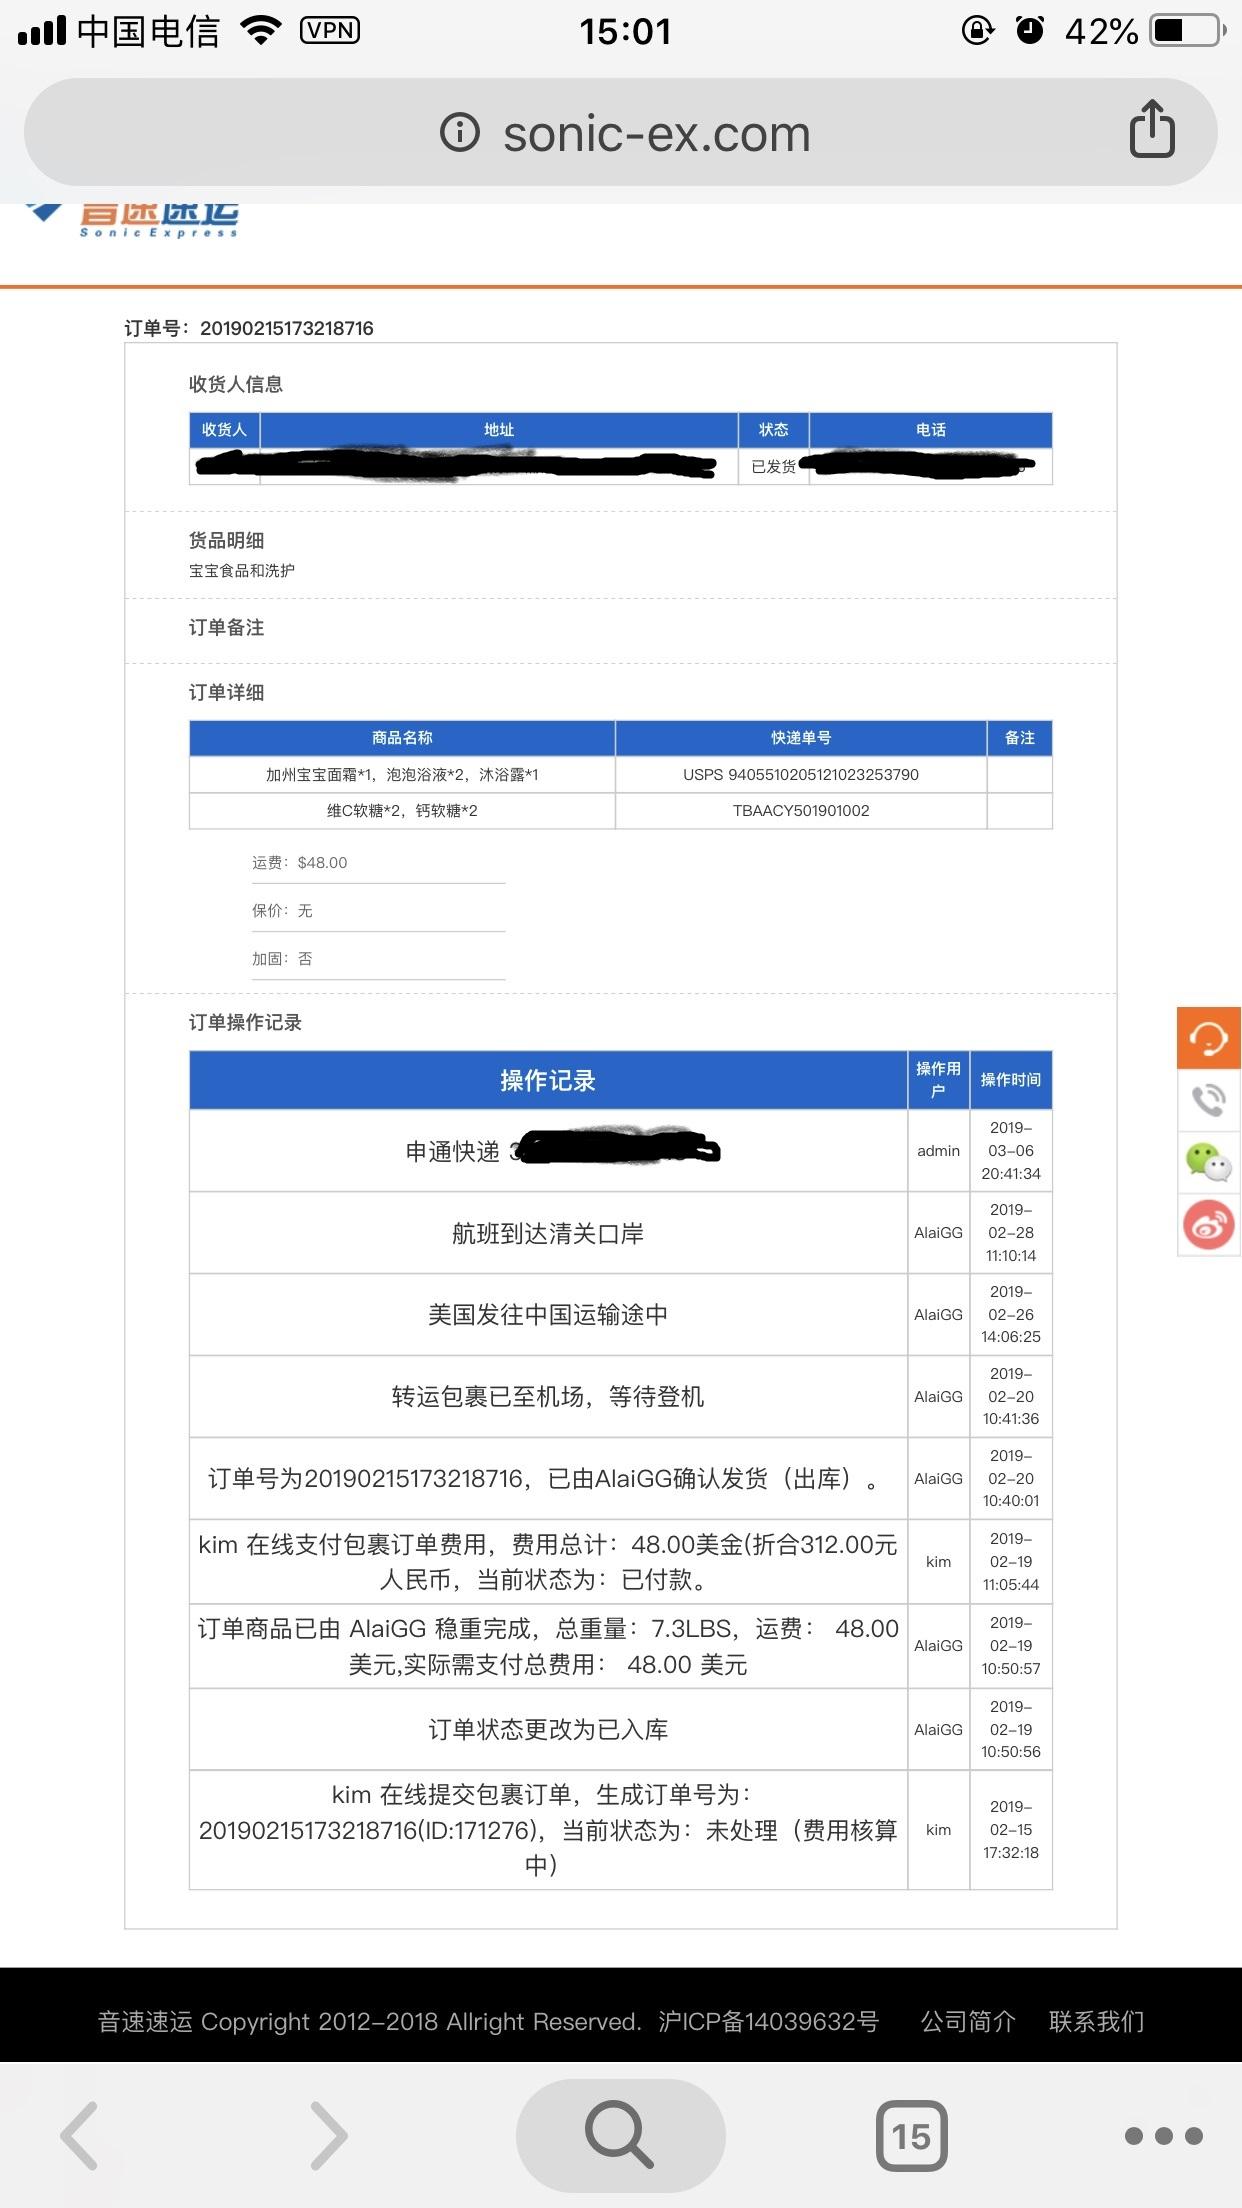 音速速运美线 Z2渠道 订单号:20190215173218716 用户名:kim 入库码:bczw